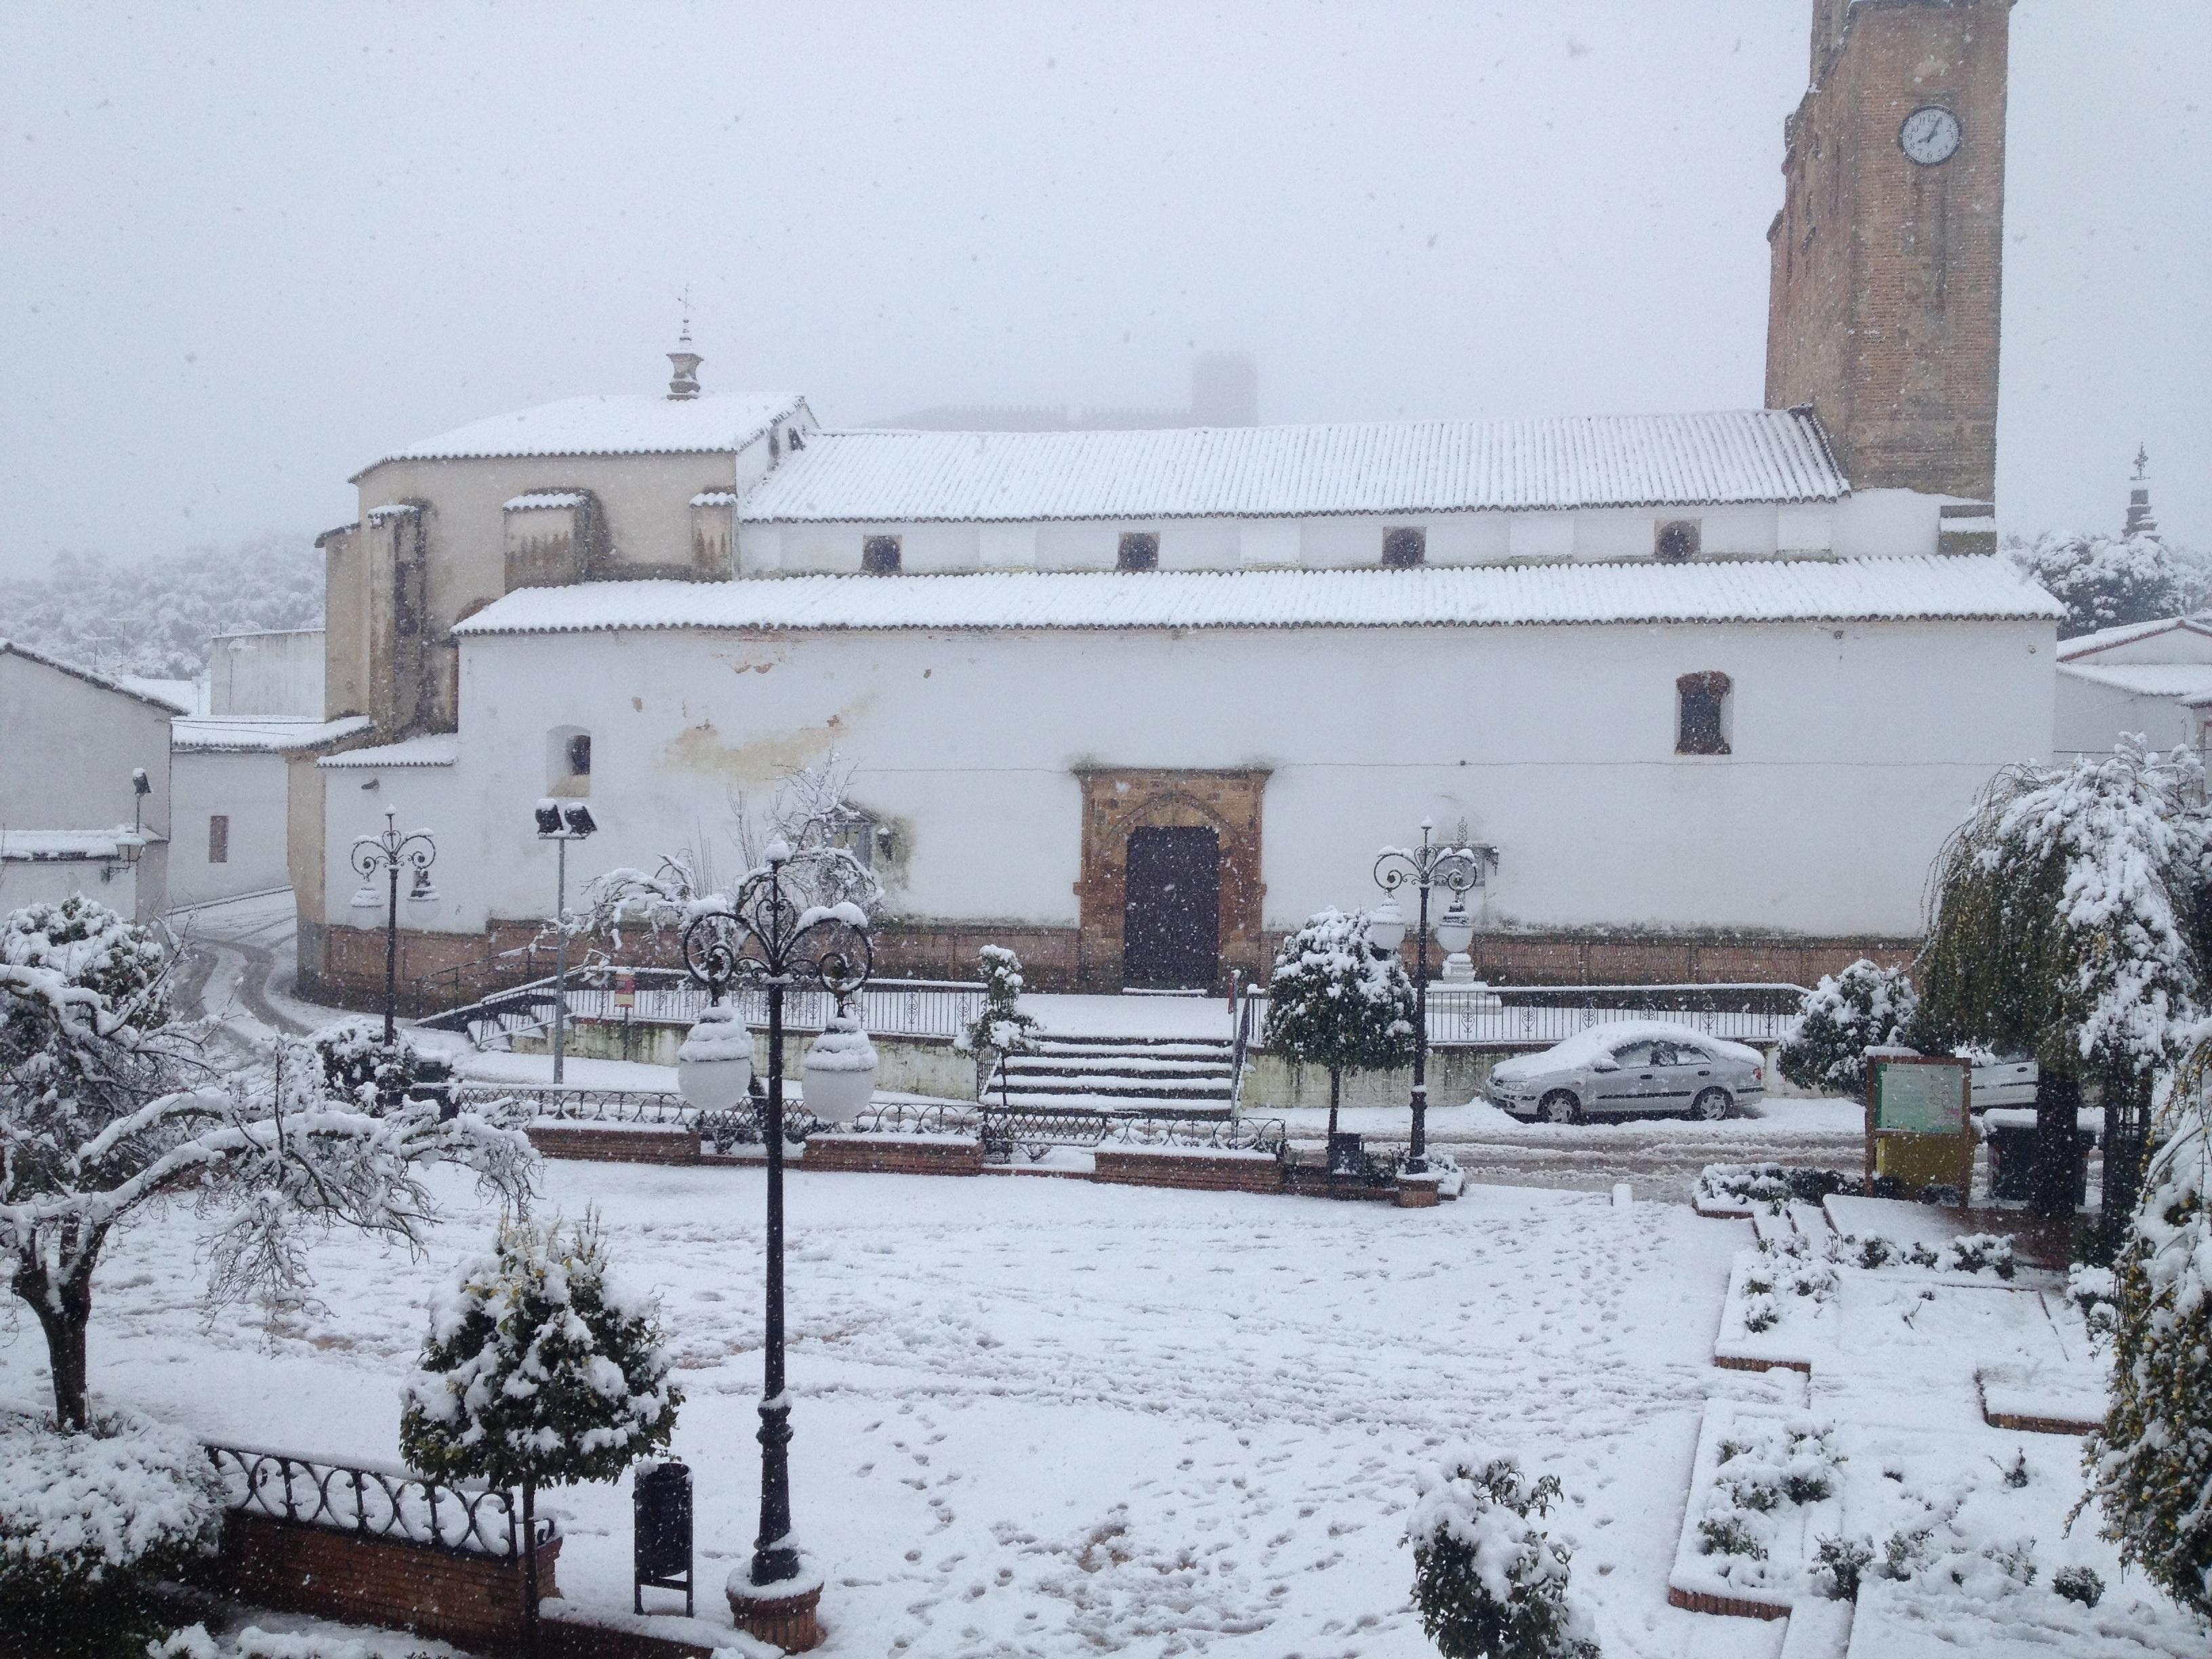 Alanís estudia solicitar la declaración de zona catastrófica tras la nevada por el «impacto económico»